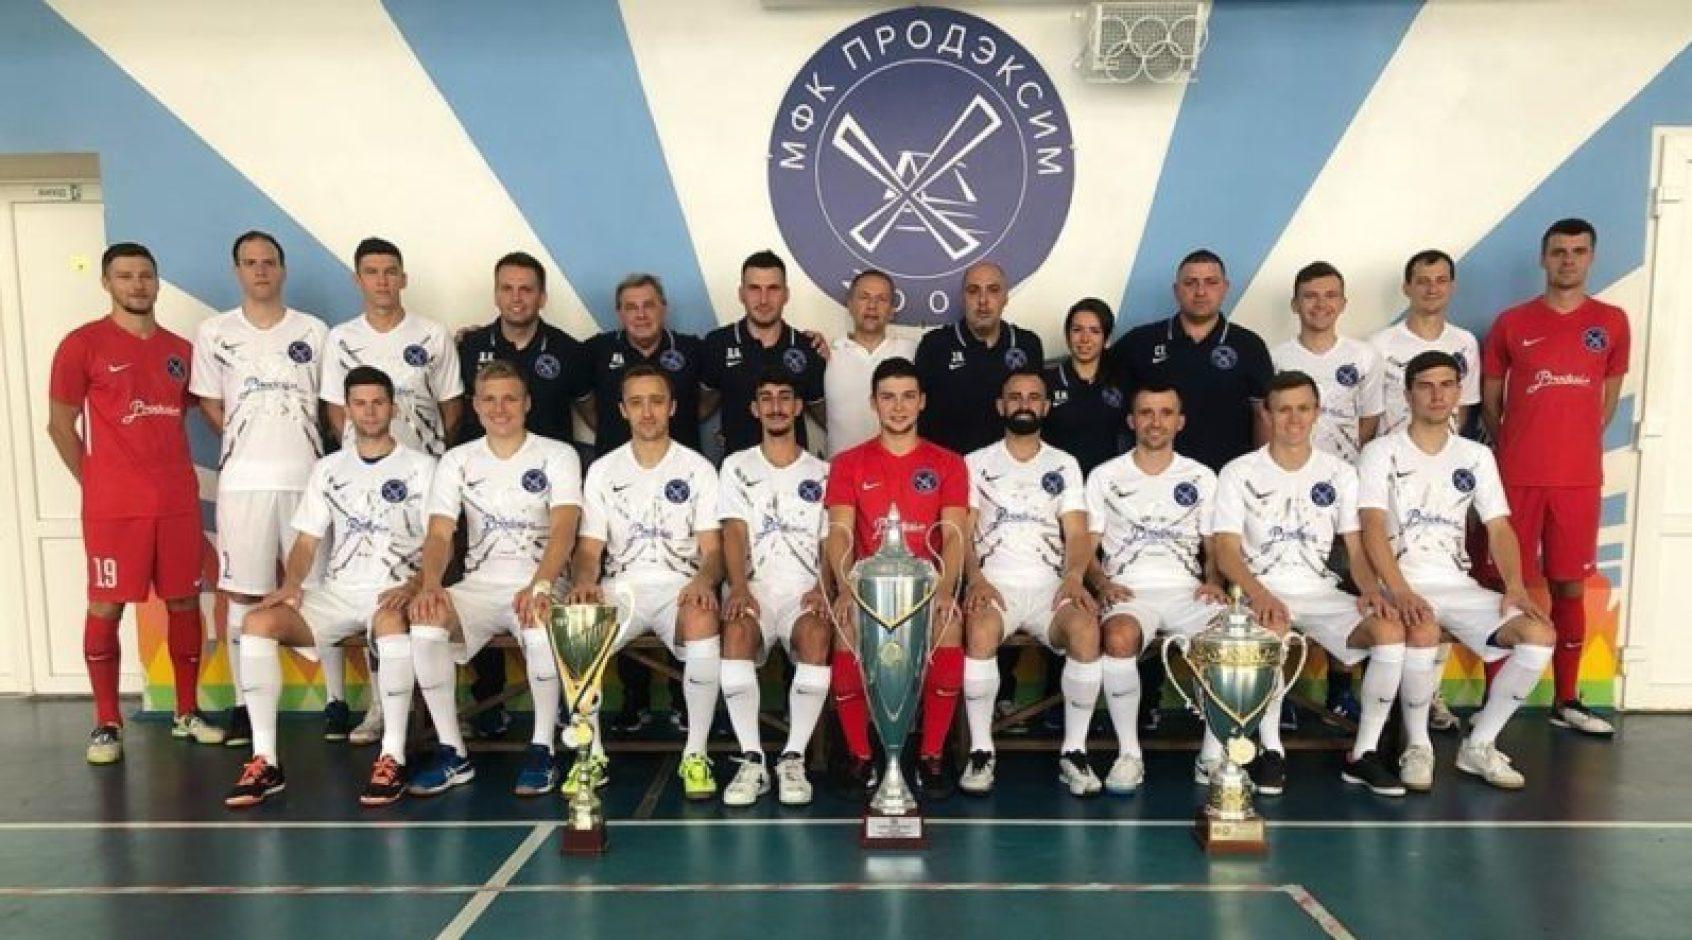 Виконком АФУ визначив чемпіона та призерів Екстра-ліги сезону-2019/2020 та представника в Лізі чемпіонів